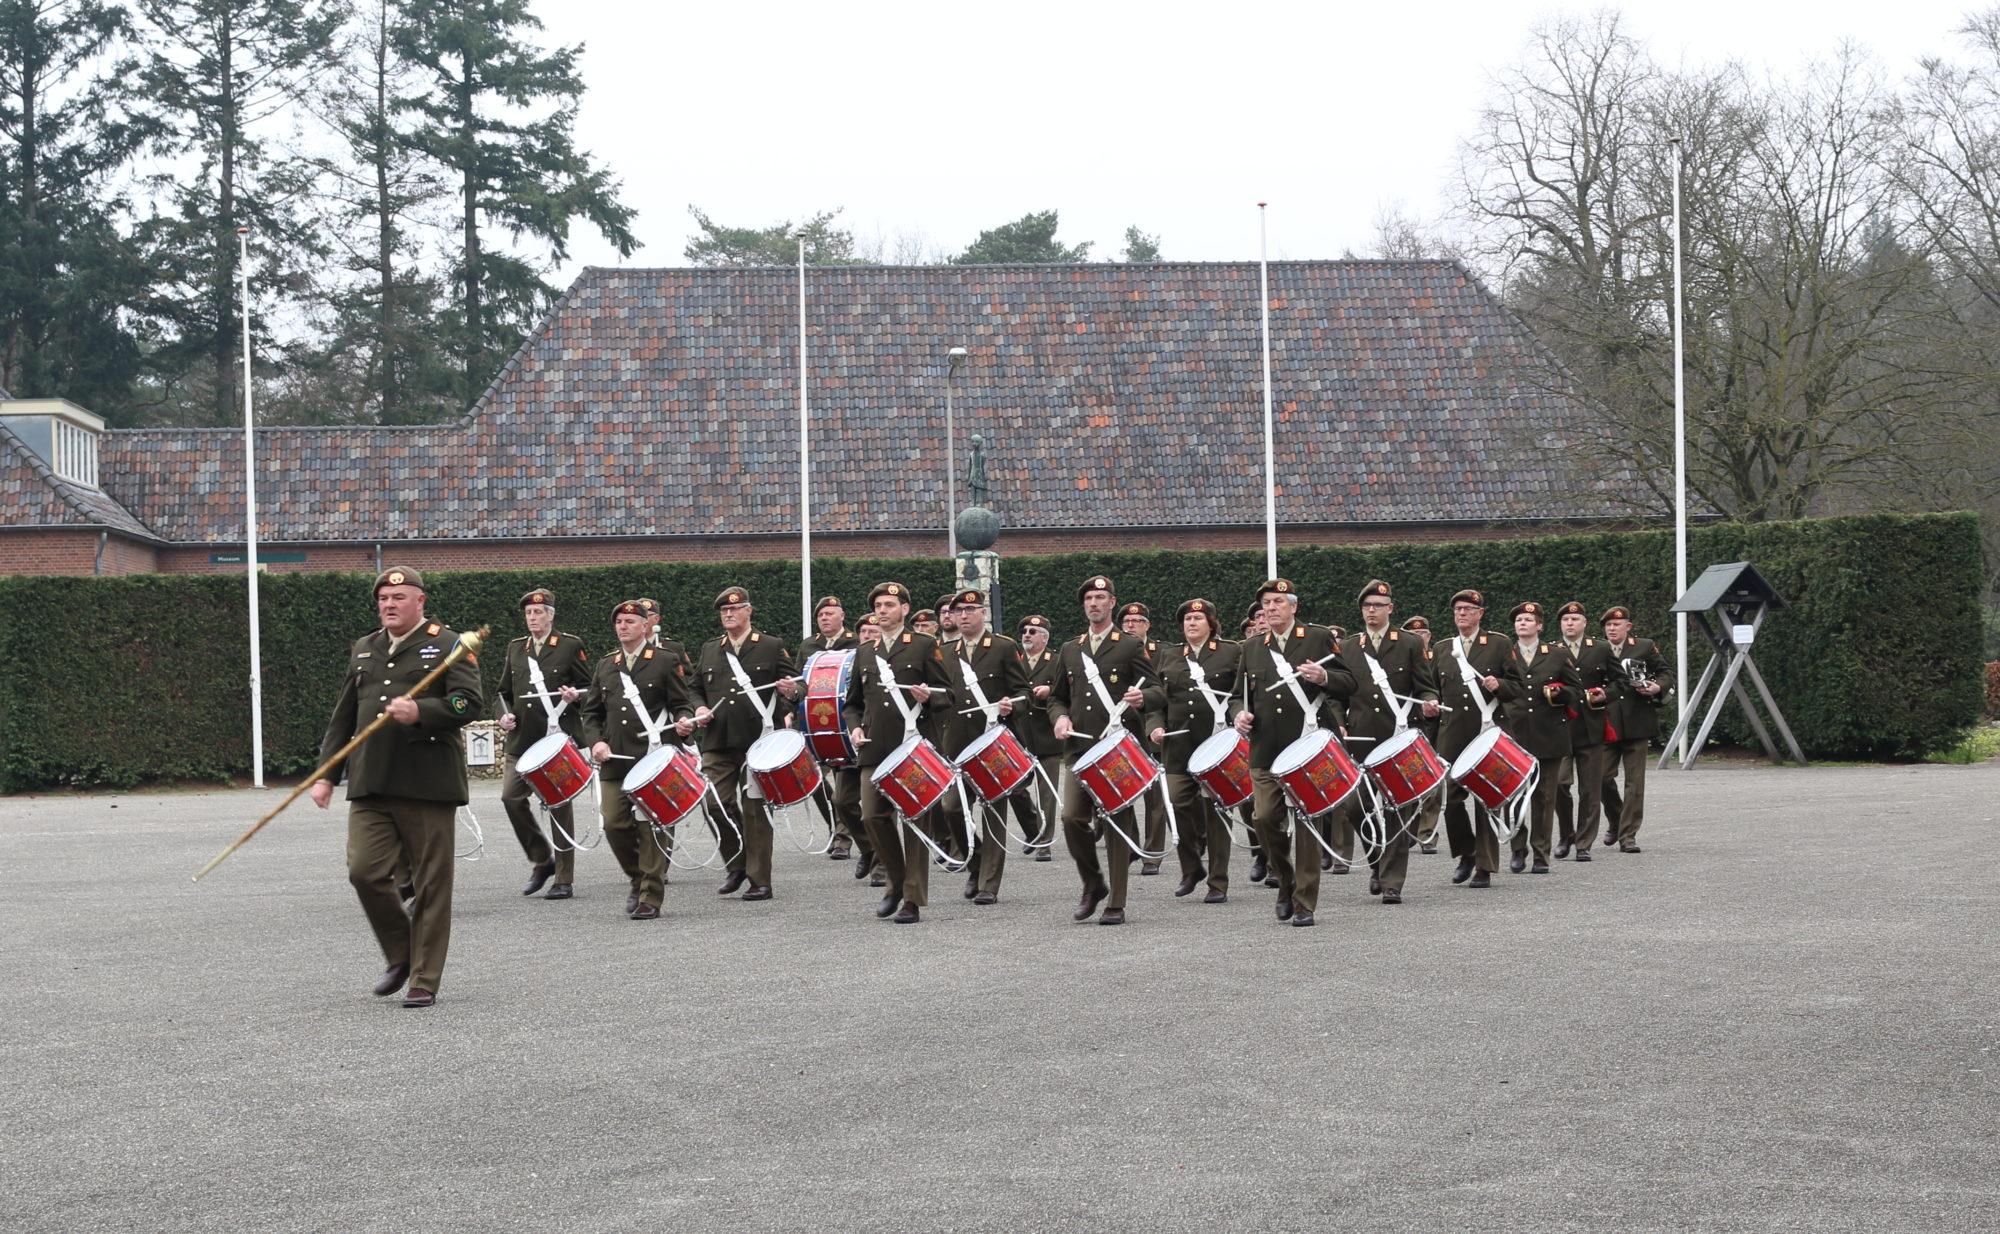 Traditioneel Tamboerkorps garde grenadiers